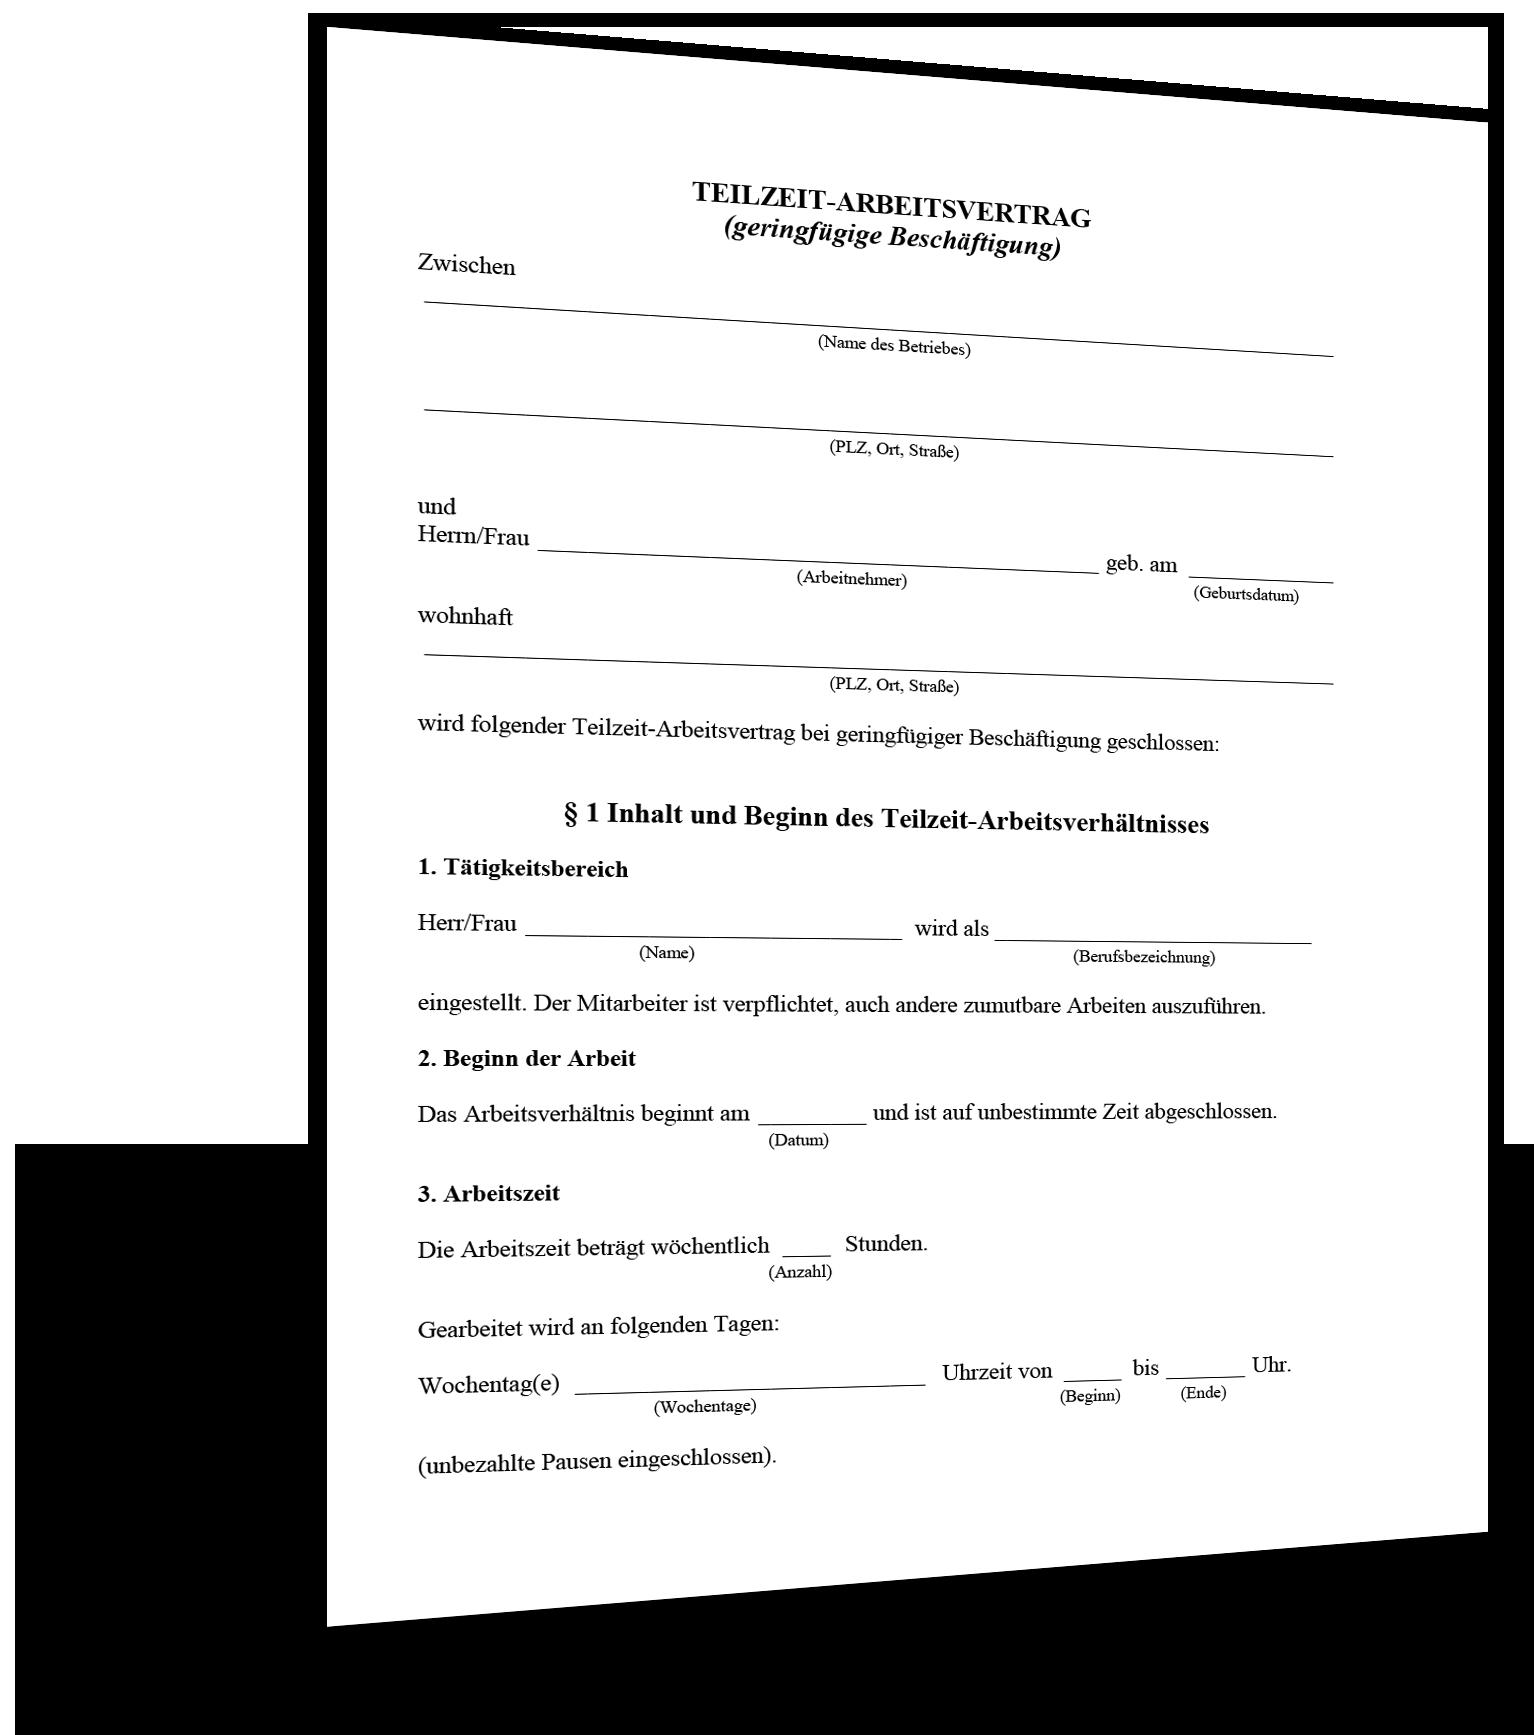 teilzeit arbeitsvertrag geringfgige beschftigung muster - Anderung Arbeitsvertrag Muster